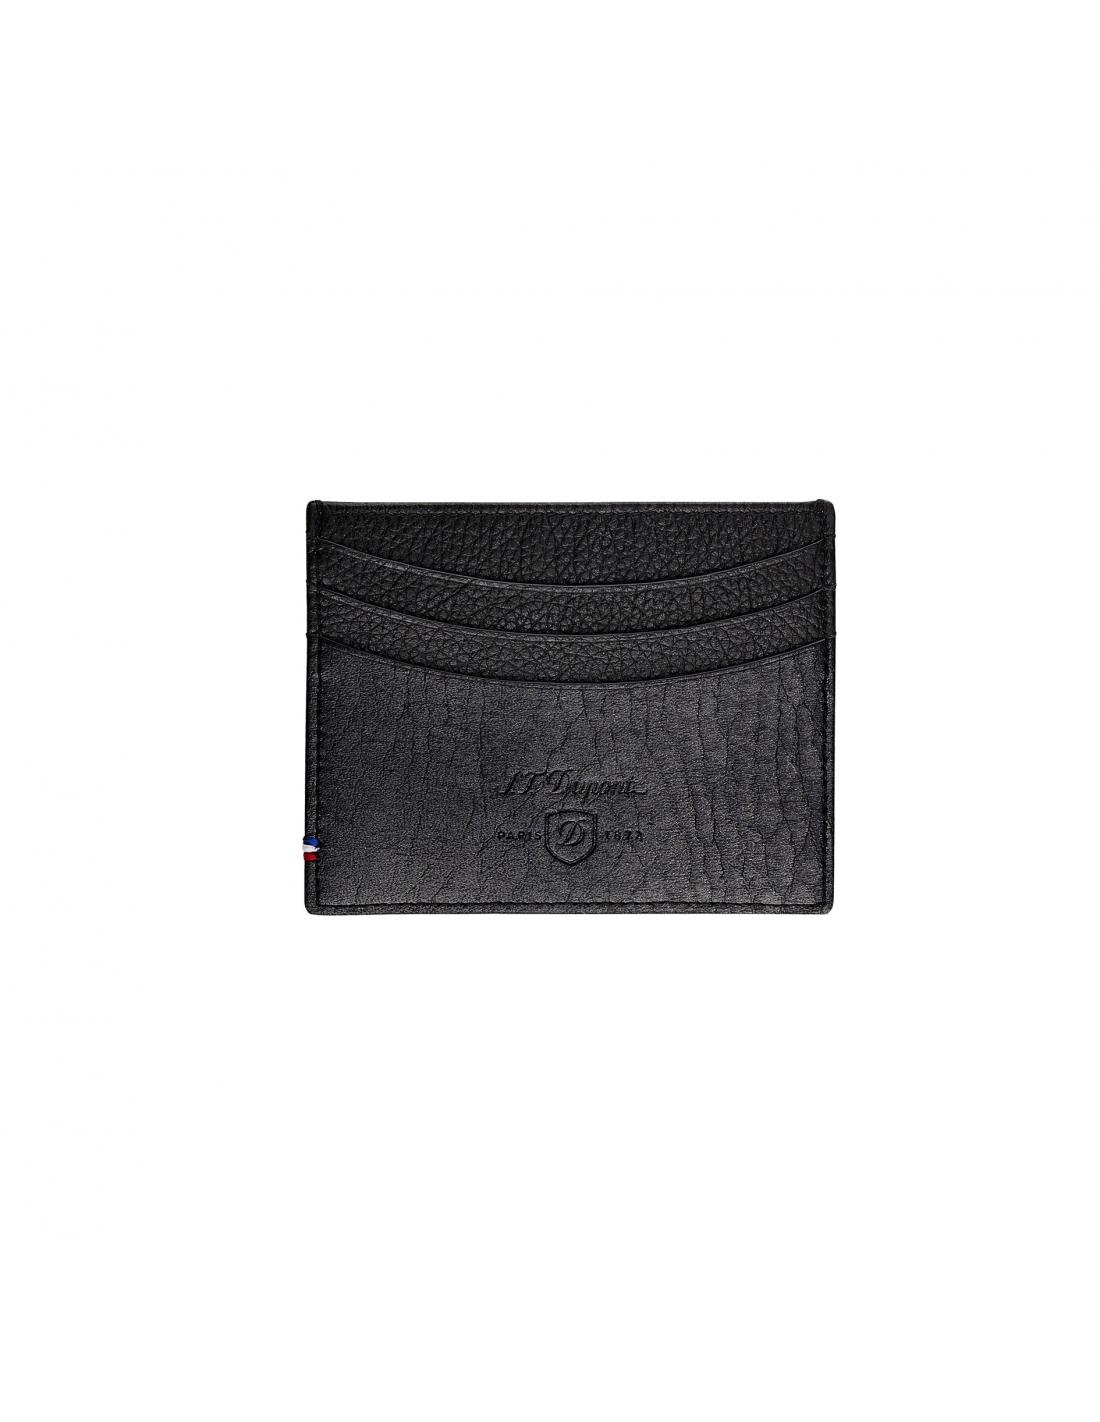 Line D Soft Diamond púzdro na kreditné karty čierne 7a6d6f2152f